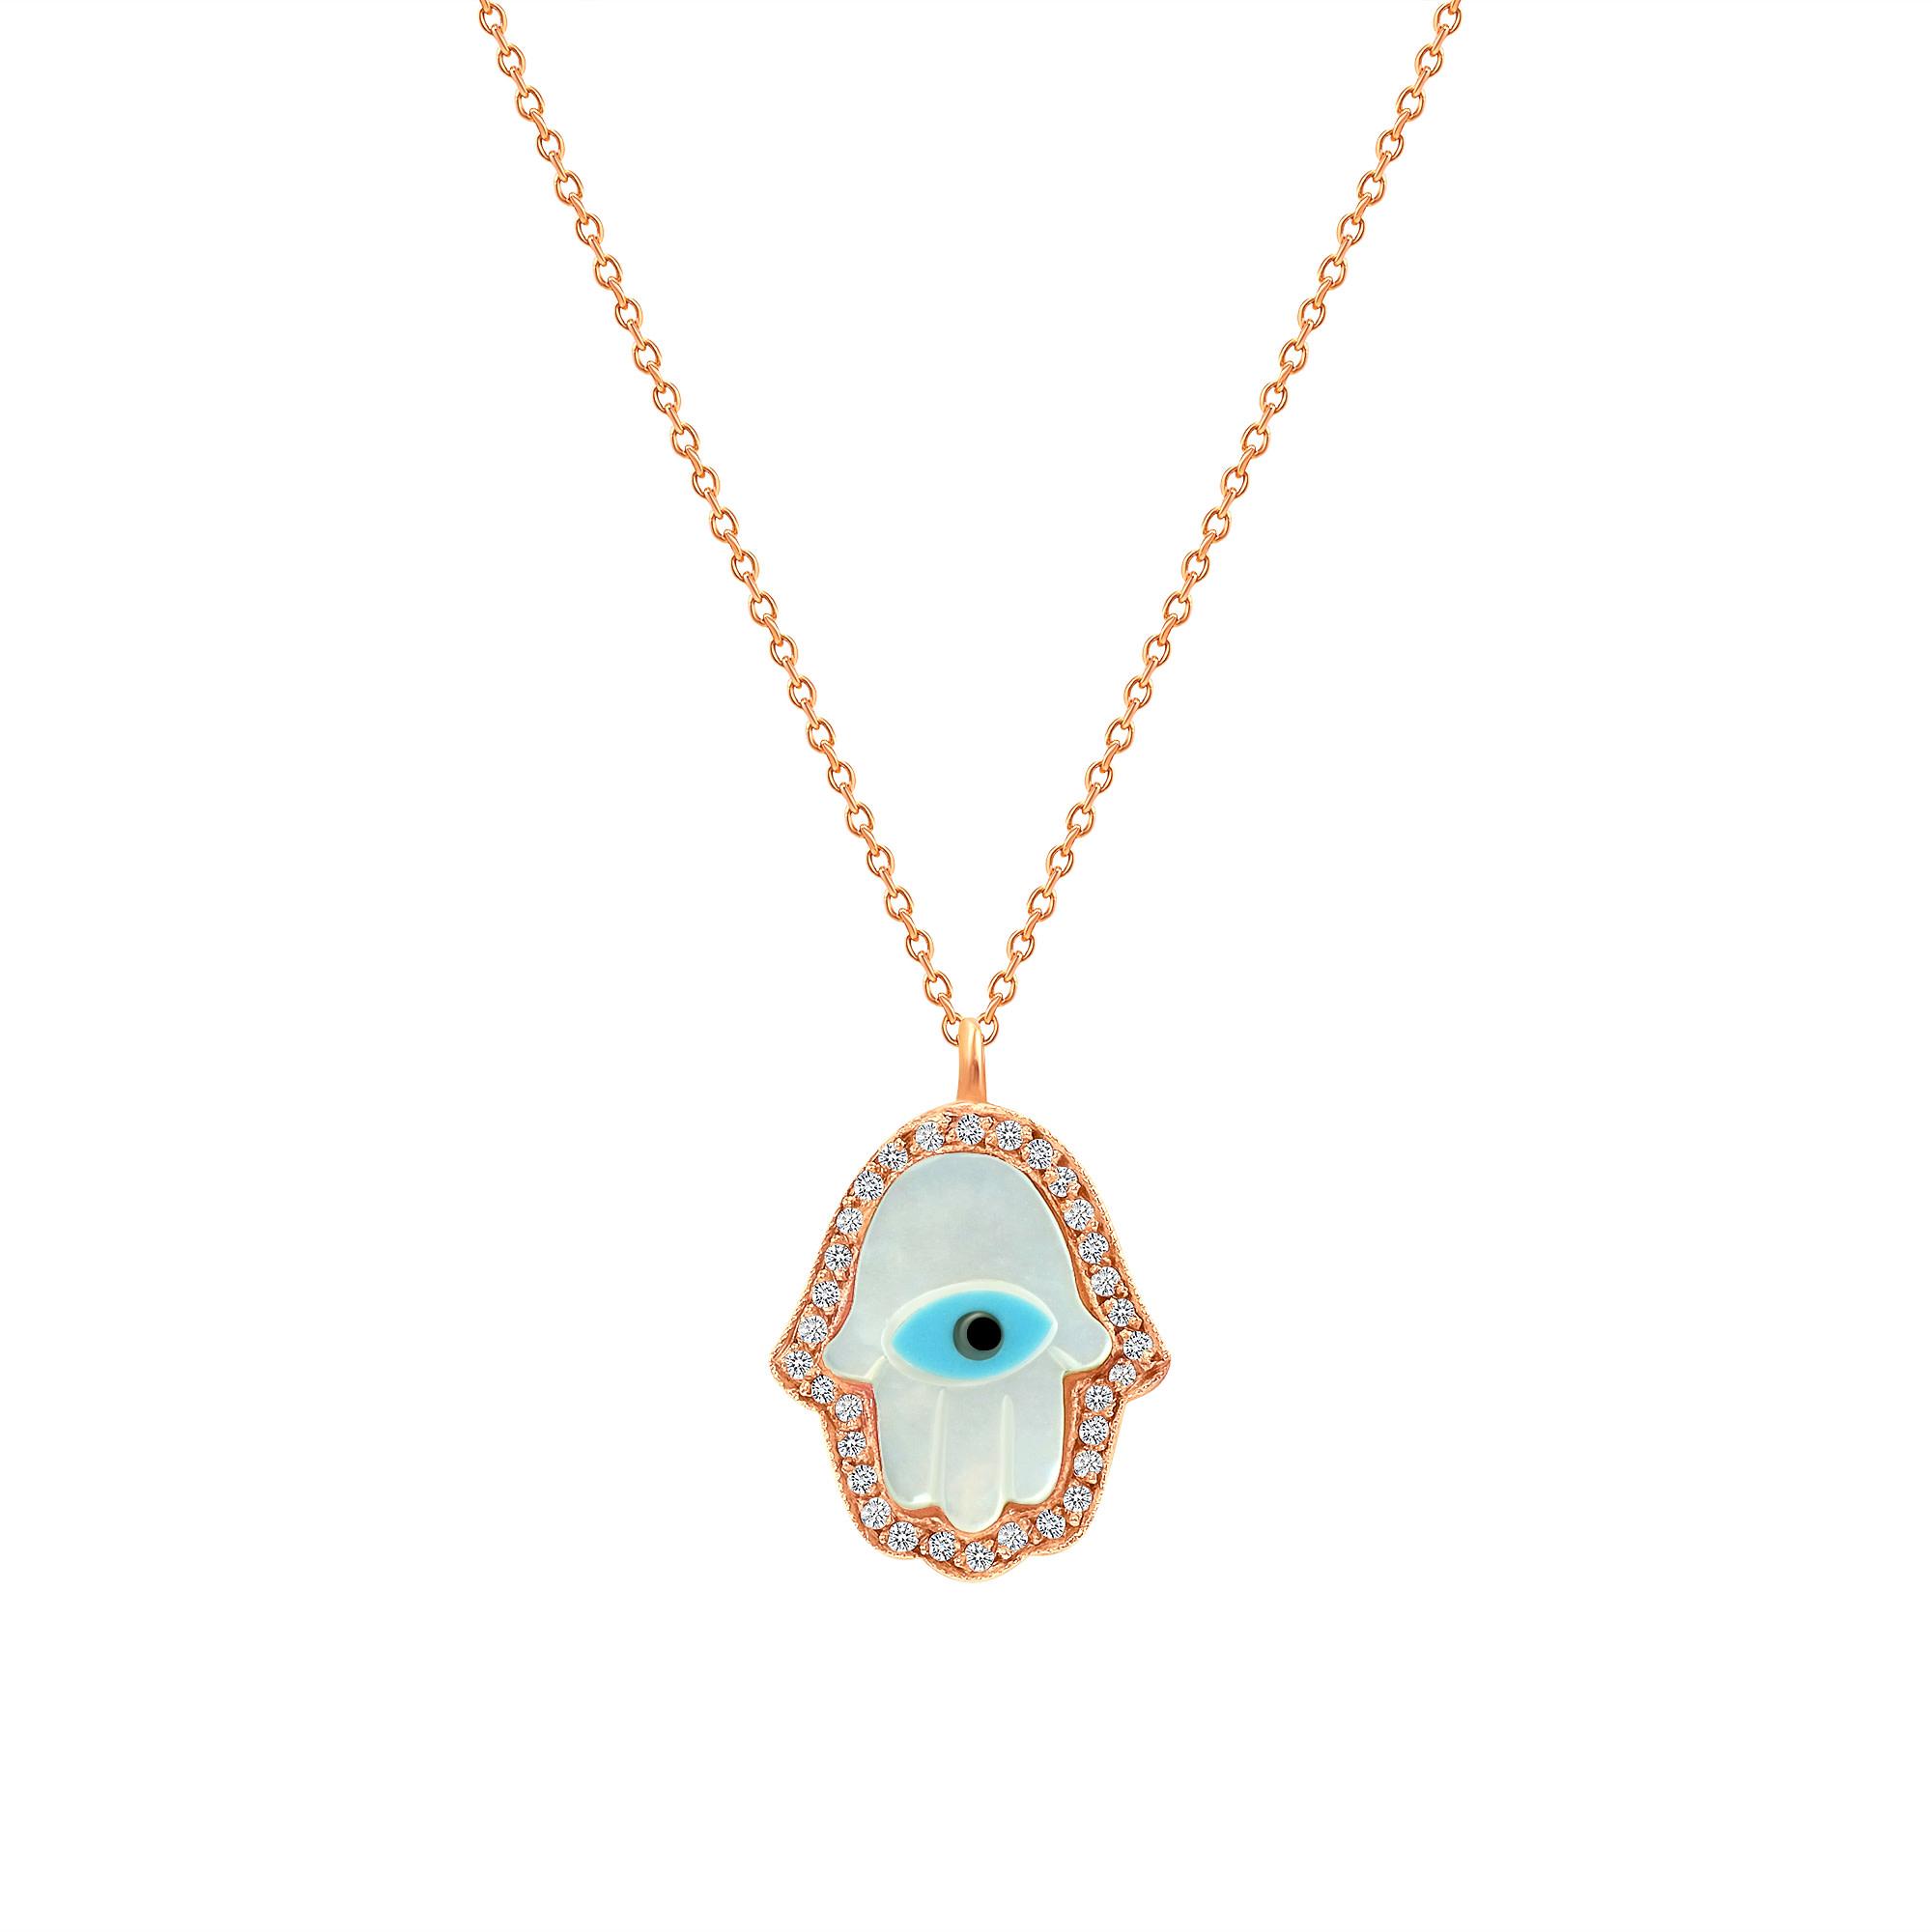 diamond evil eye necklace | evil eye diamond necklace